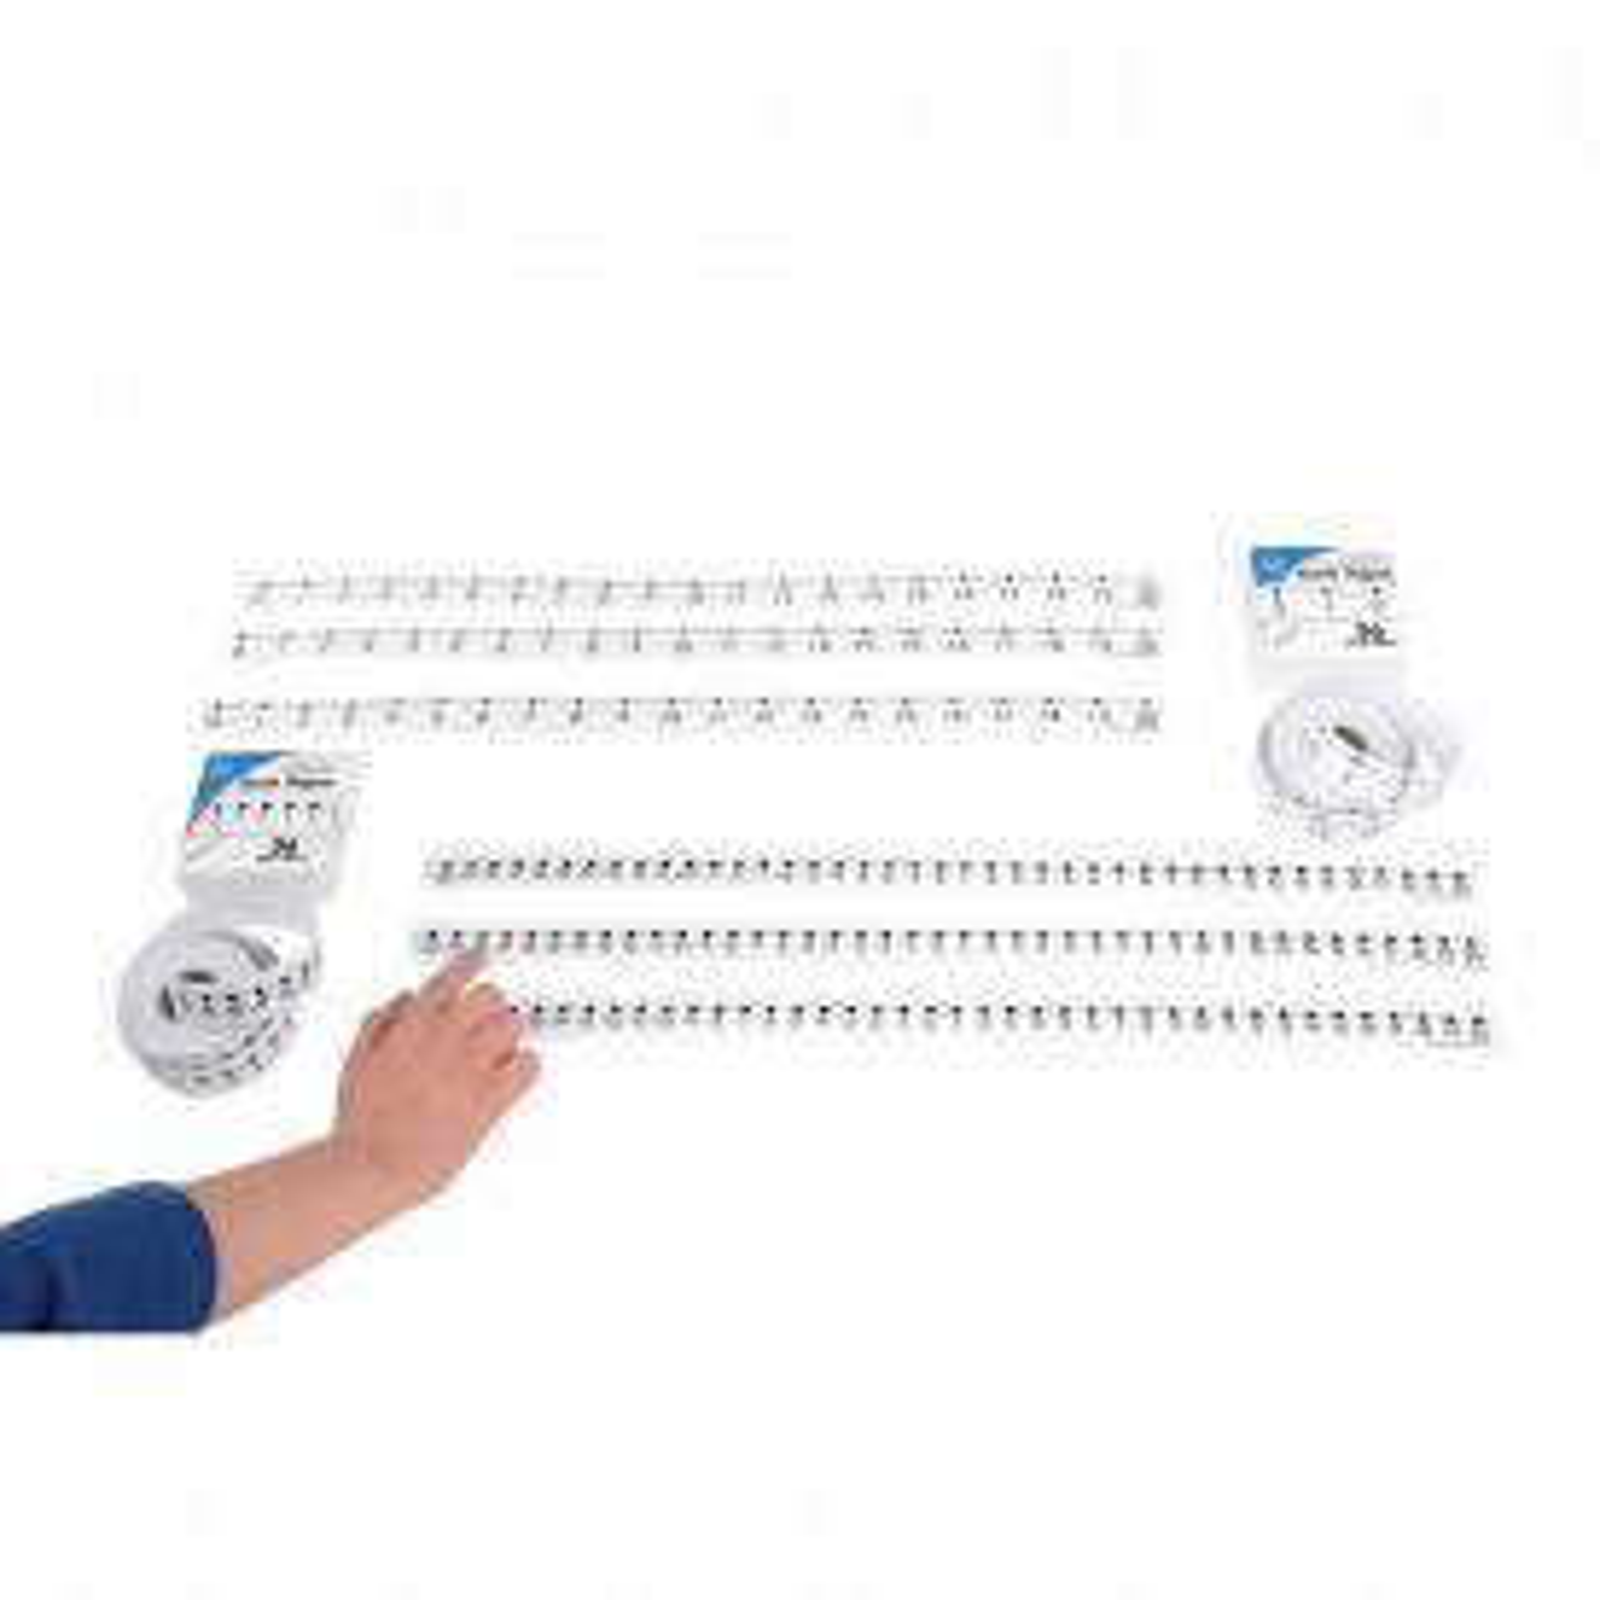 0 to 20 Number Line Desk Tape